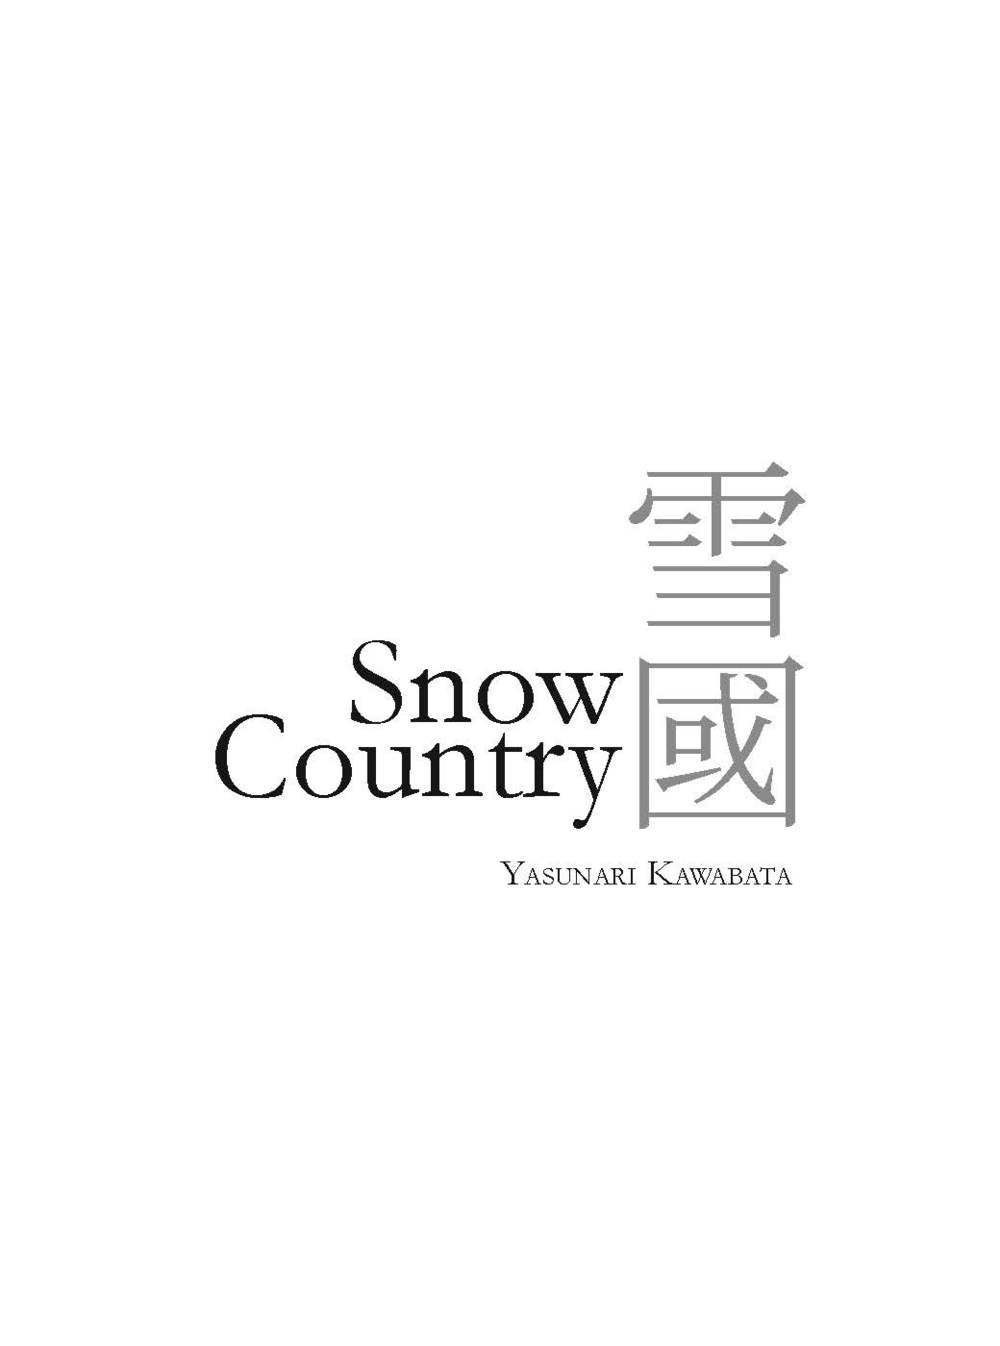 snowcountry_Page_01.jpg